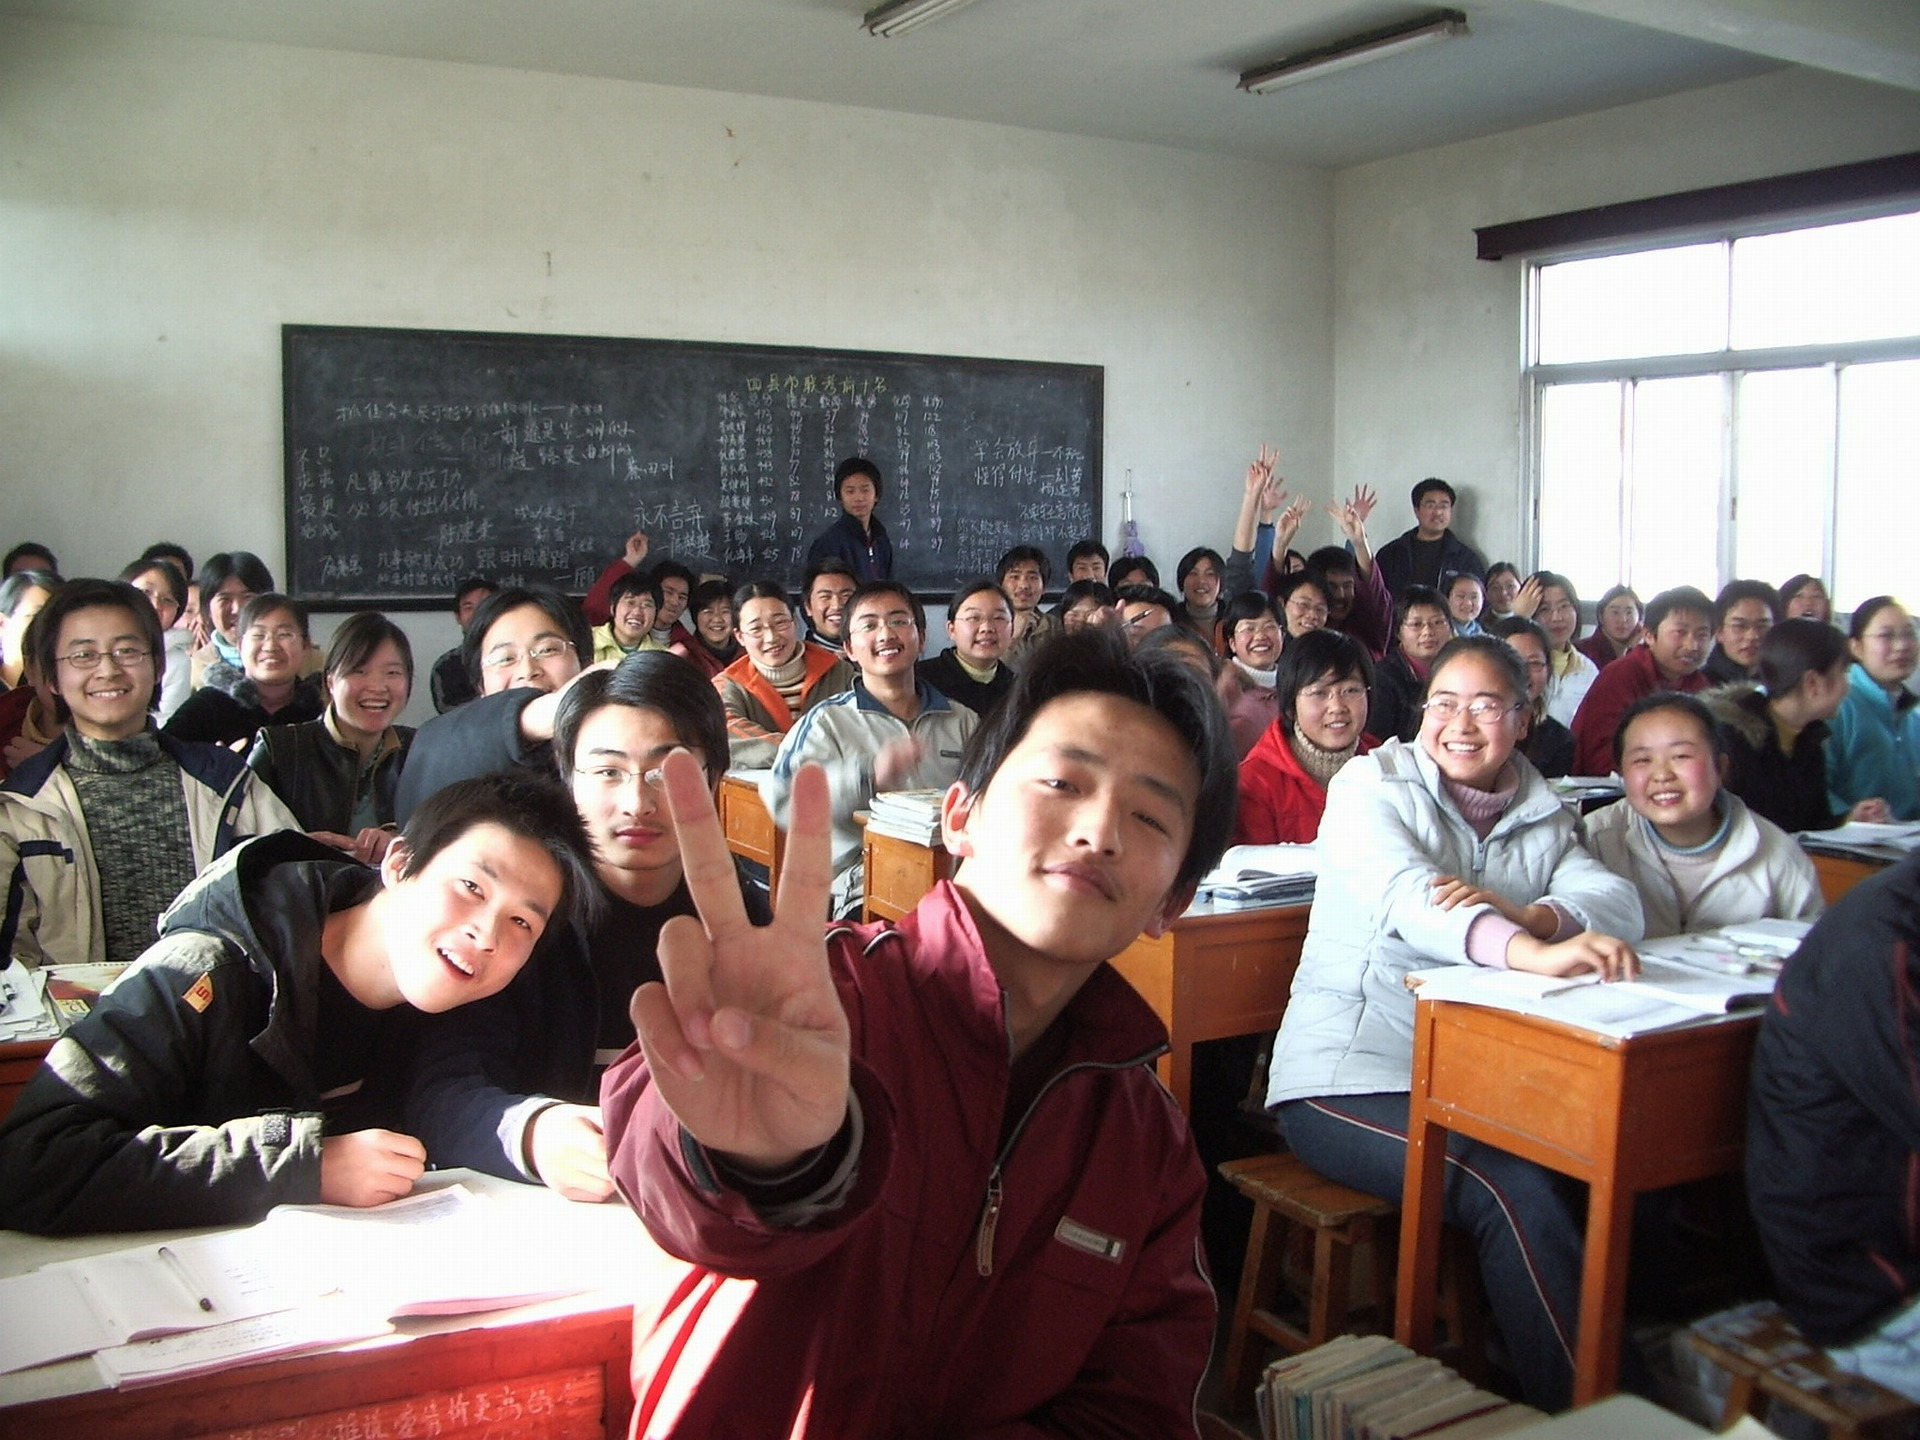 cohesión escolar